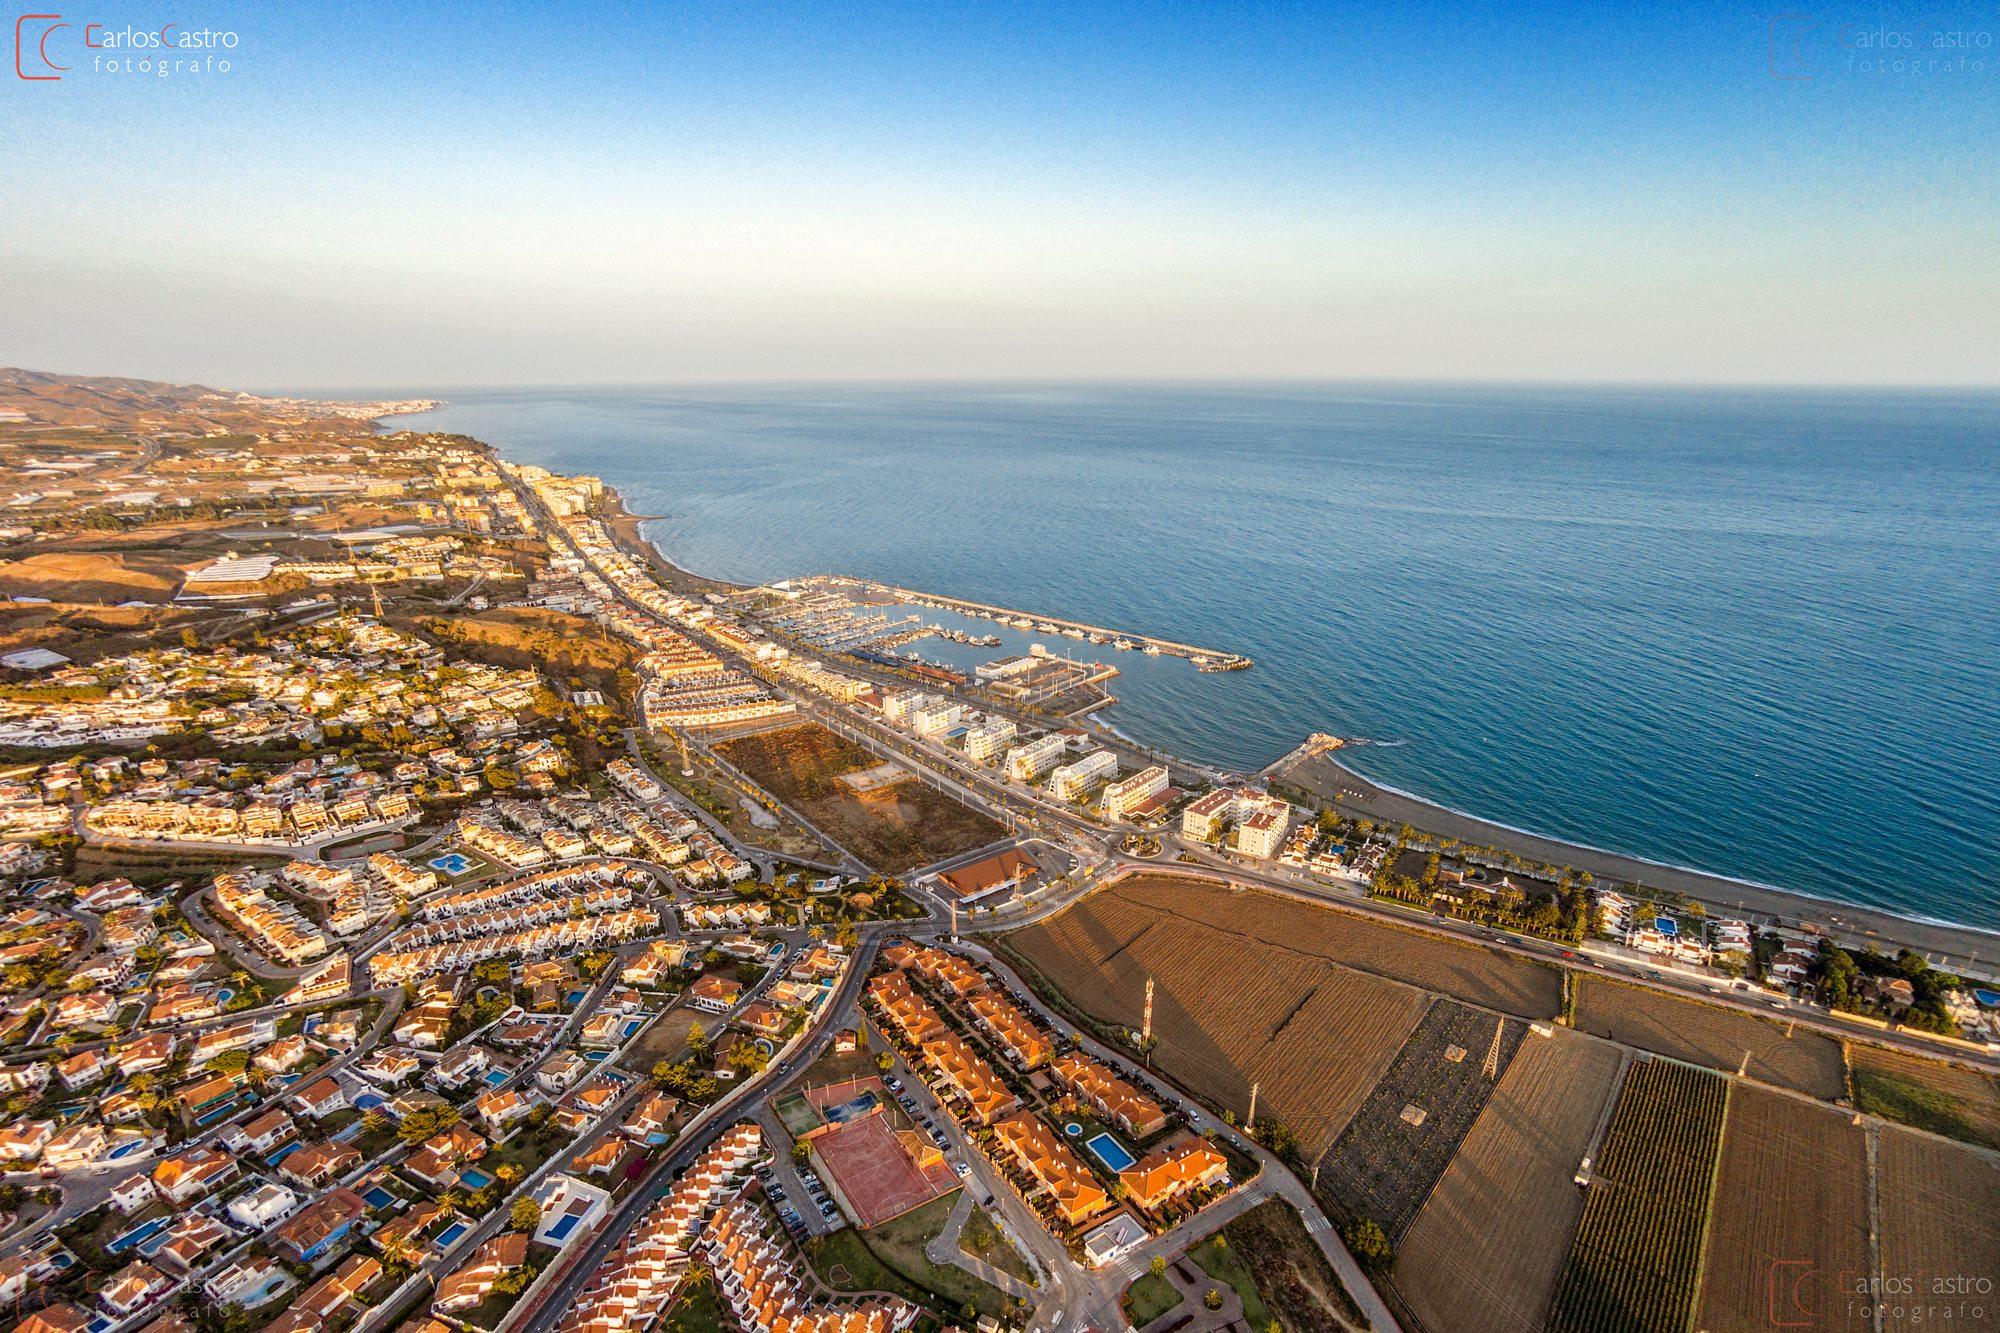 Fotografia aerea malaga simple torre del mar ancorarsi - Fotografia aerea malaga ...